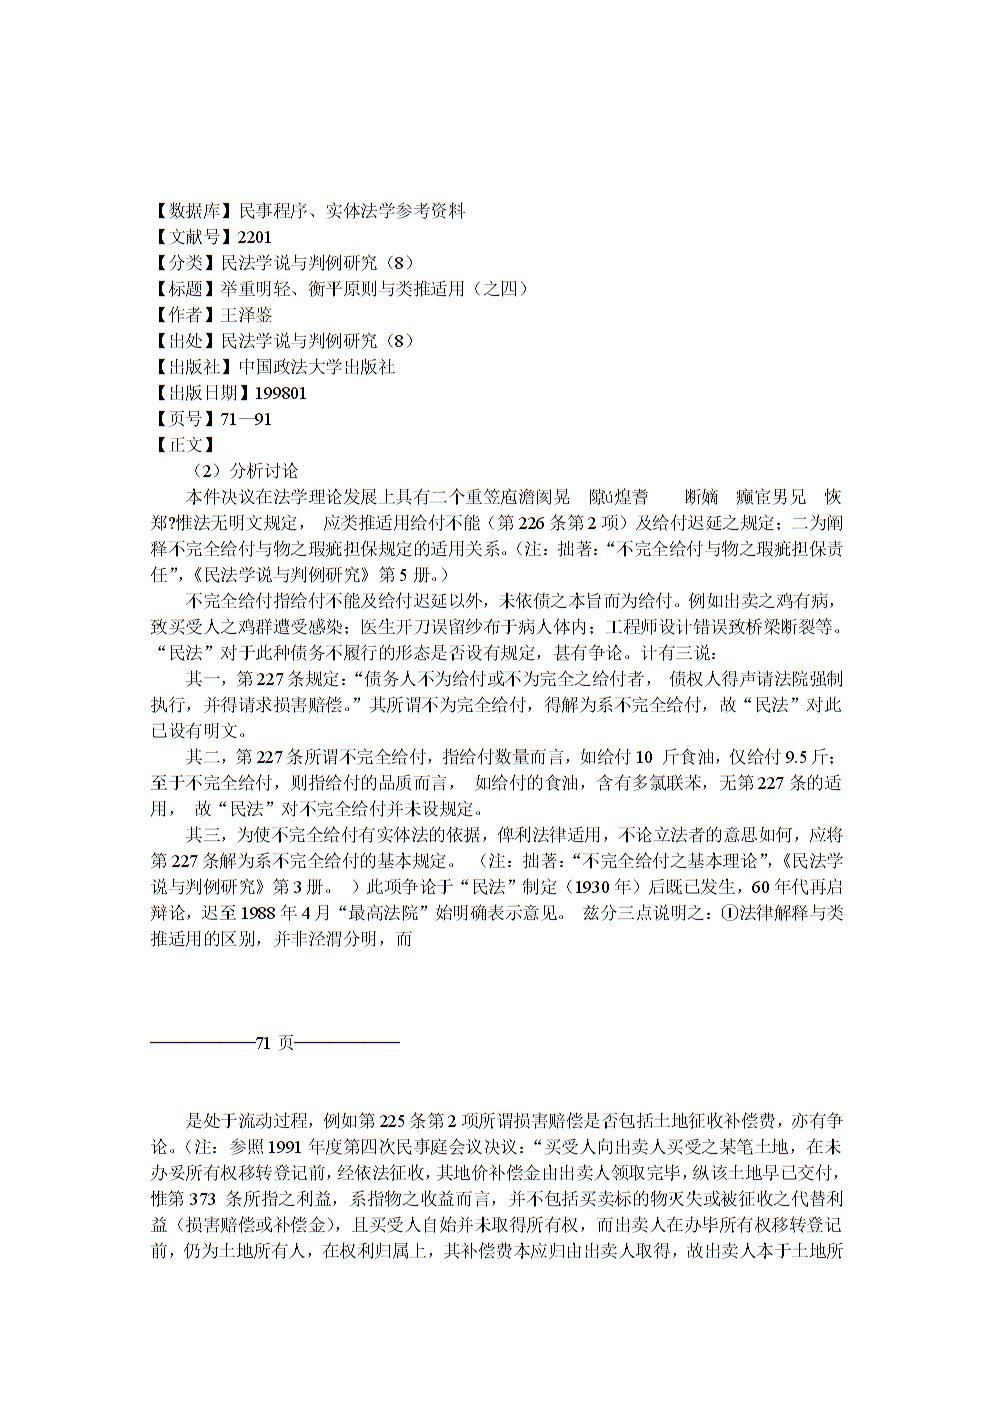 民法学说与判例研究 71-91.doc